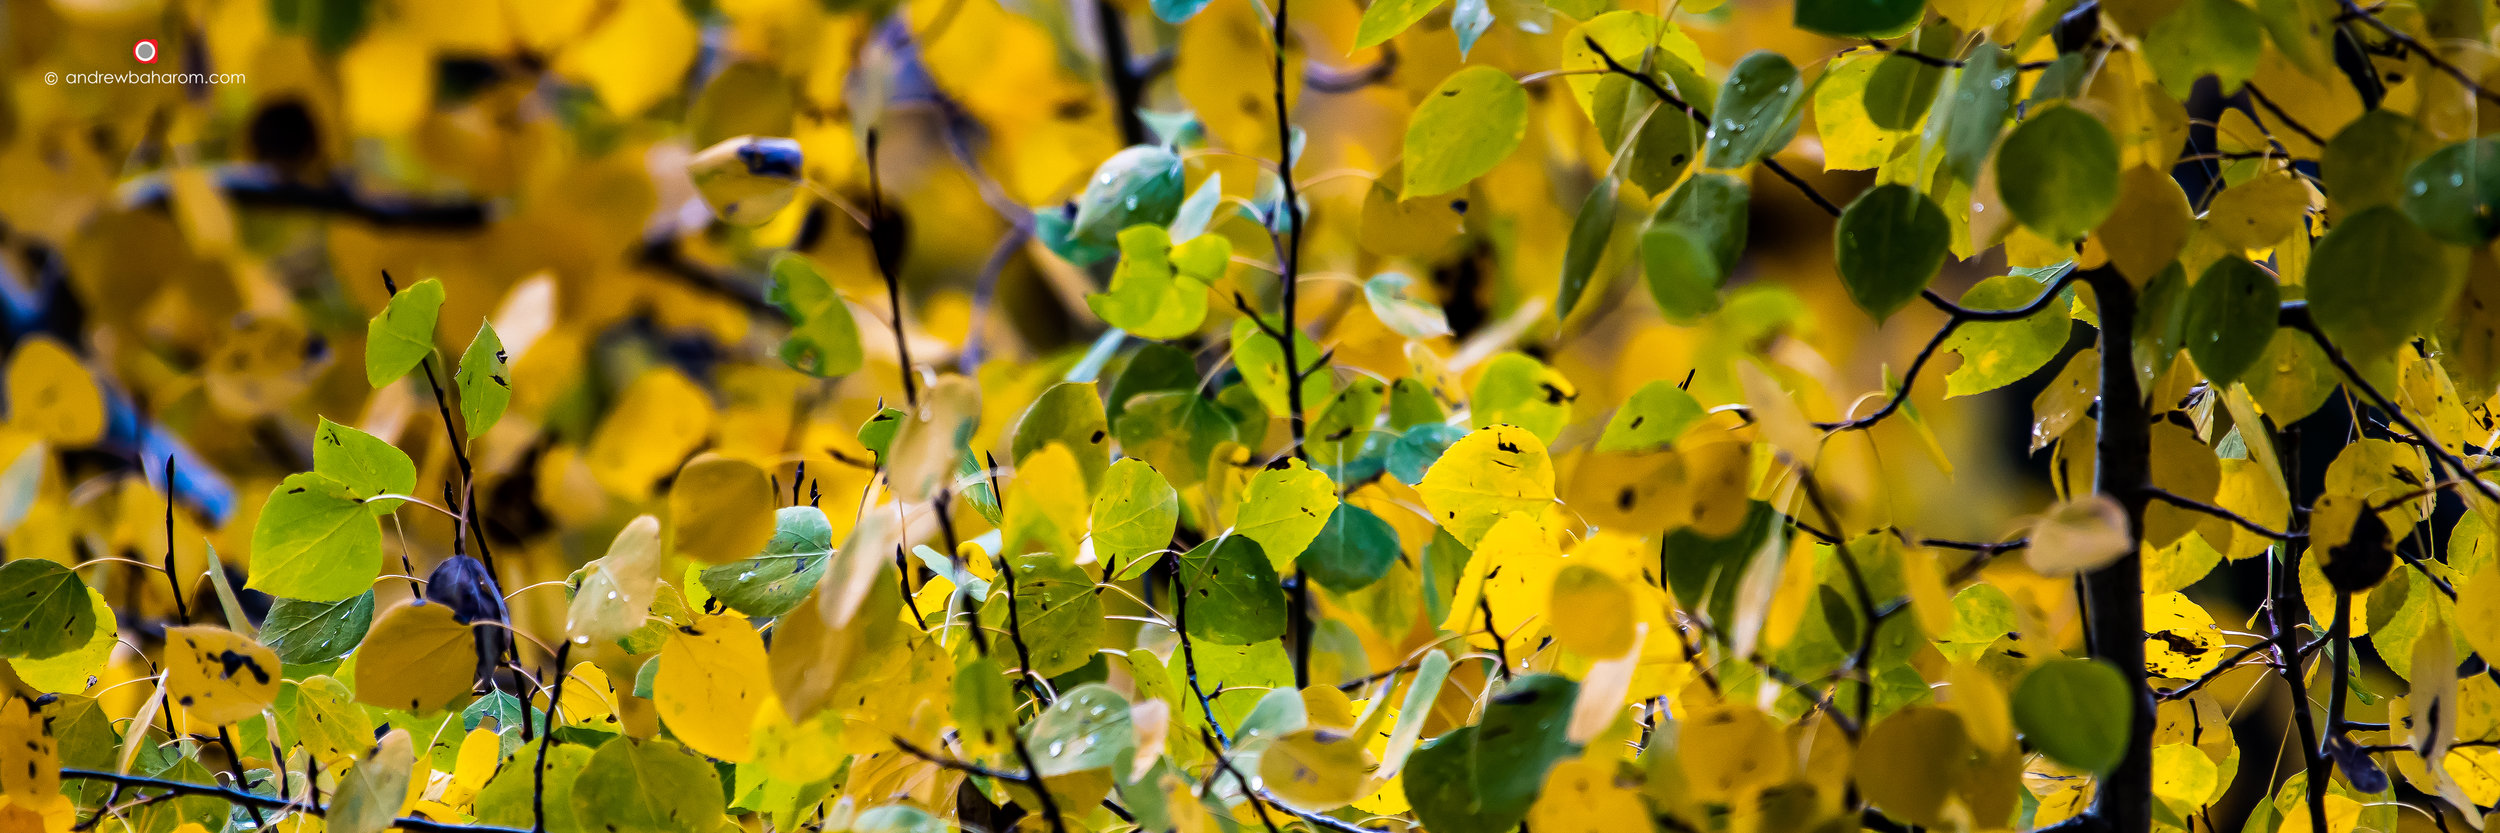 Yellow Leaves.jpg